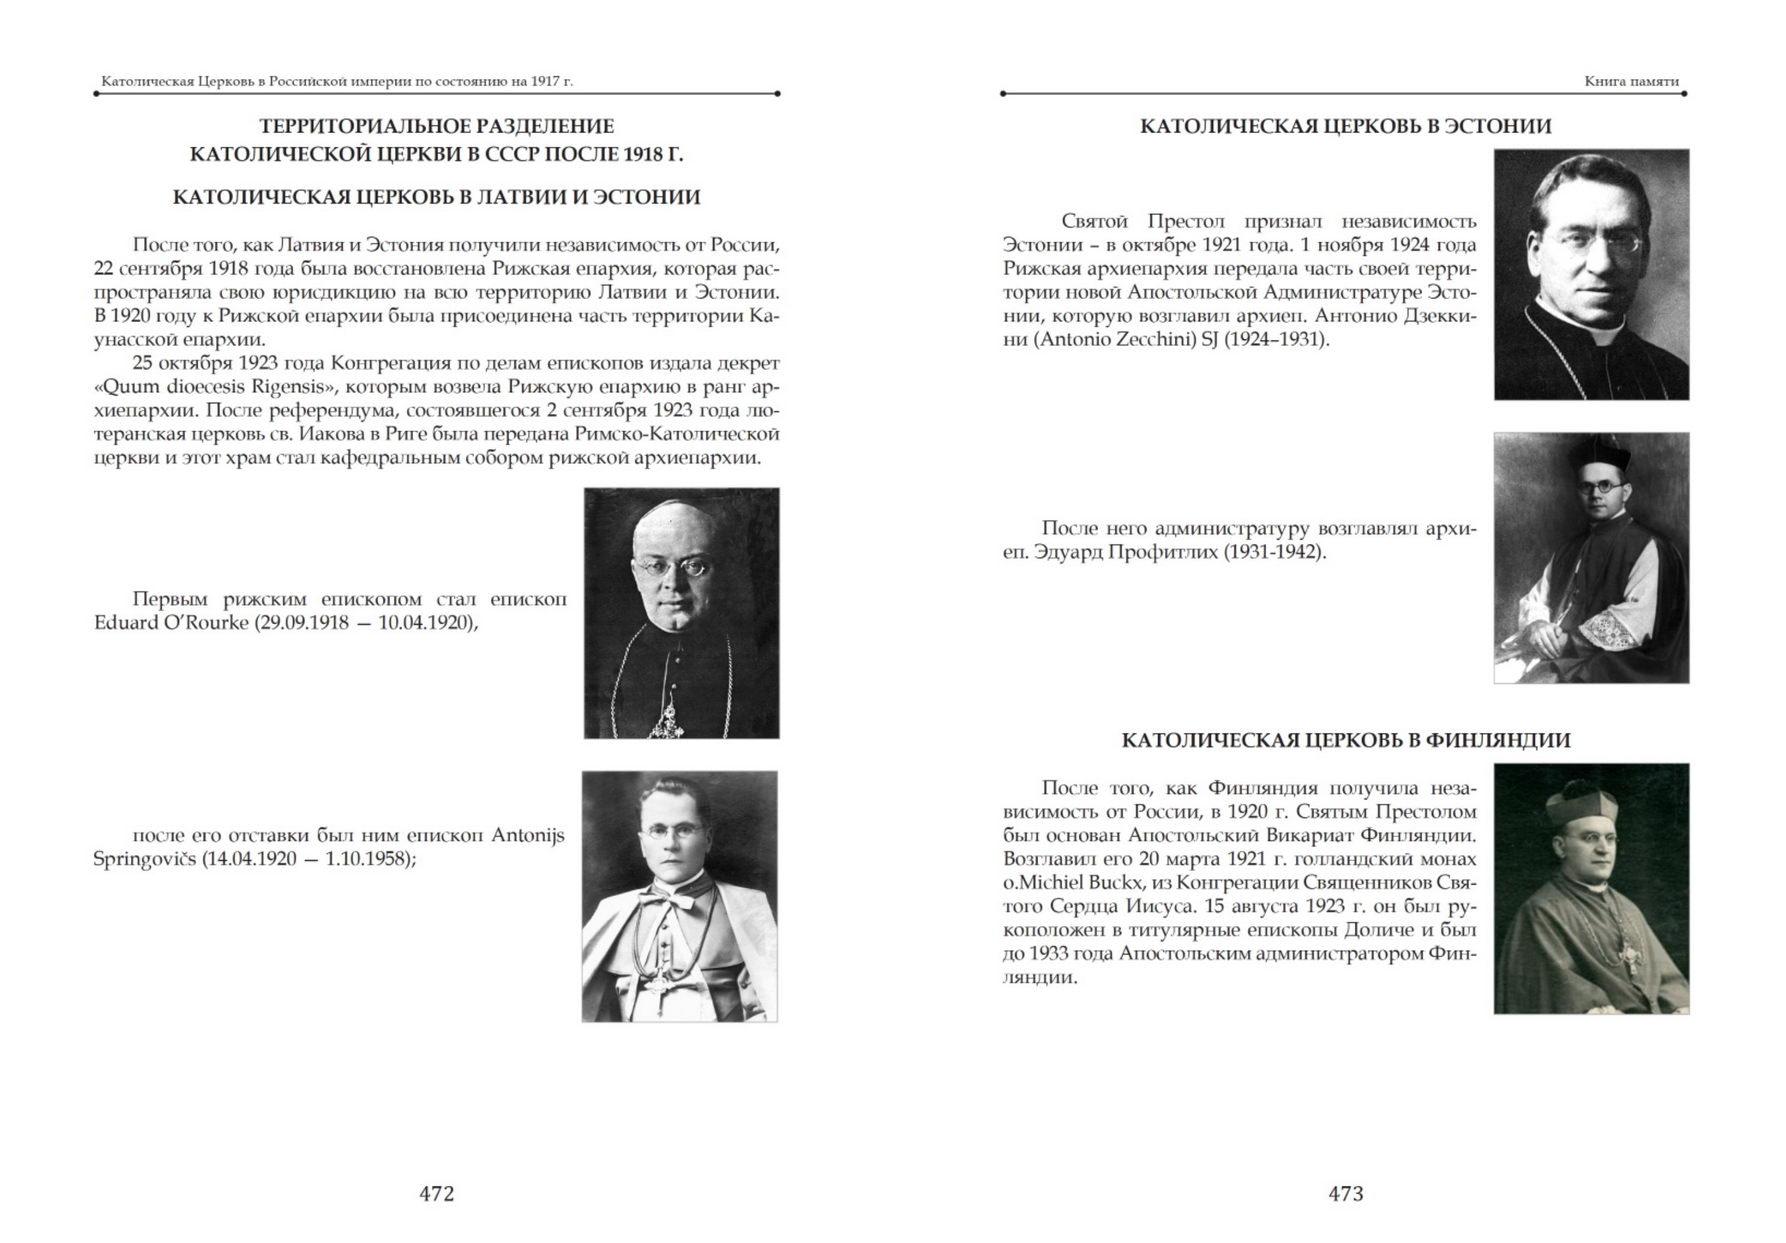 Издана книга, посвященная Католической Церкви в России накануне революции 1917 года и в Советский период 9